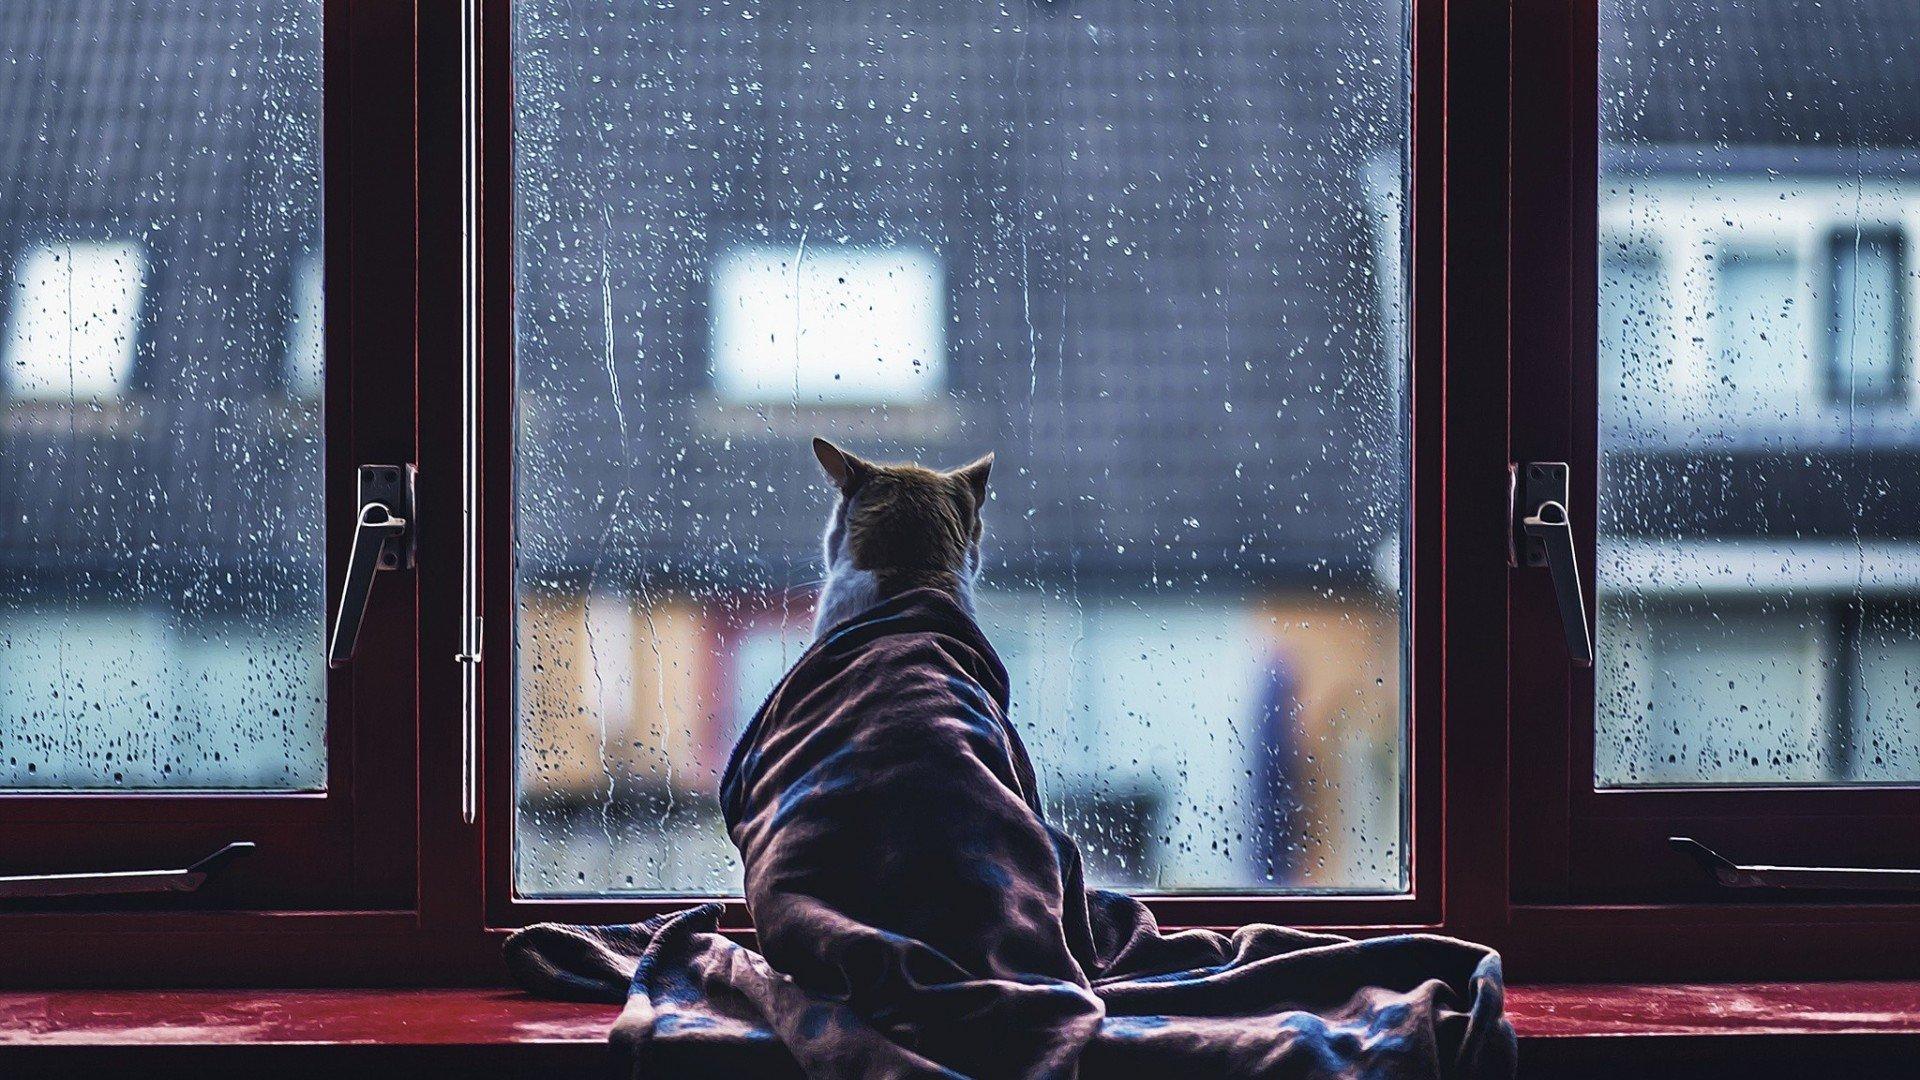 просмотра картинка грустит погода того